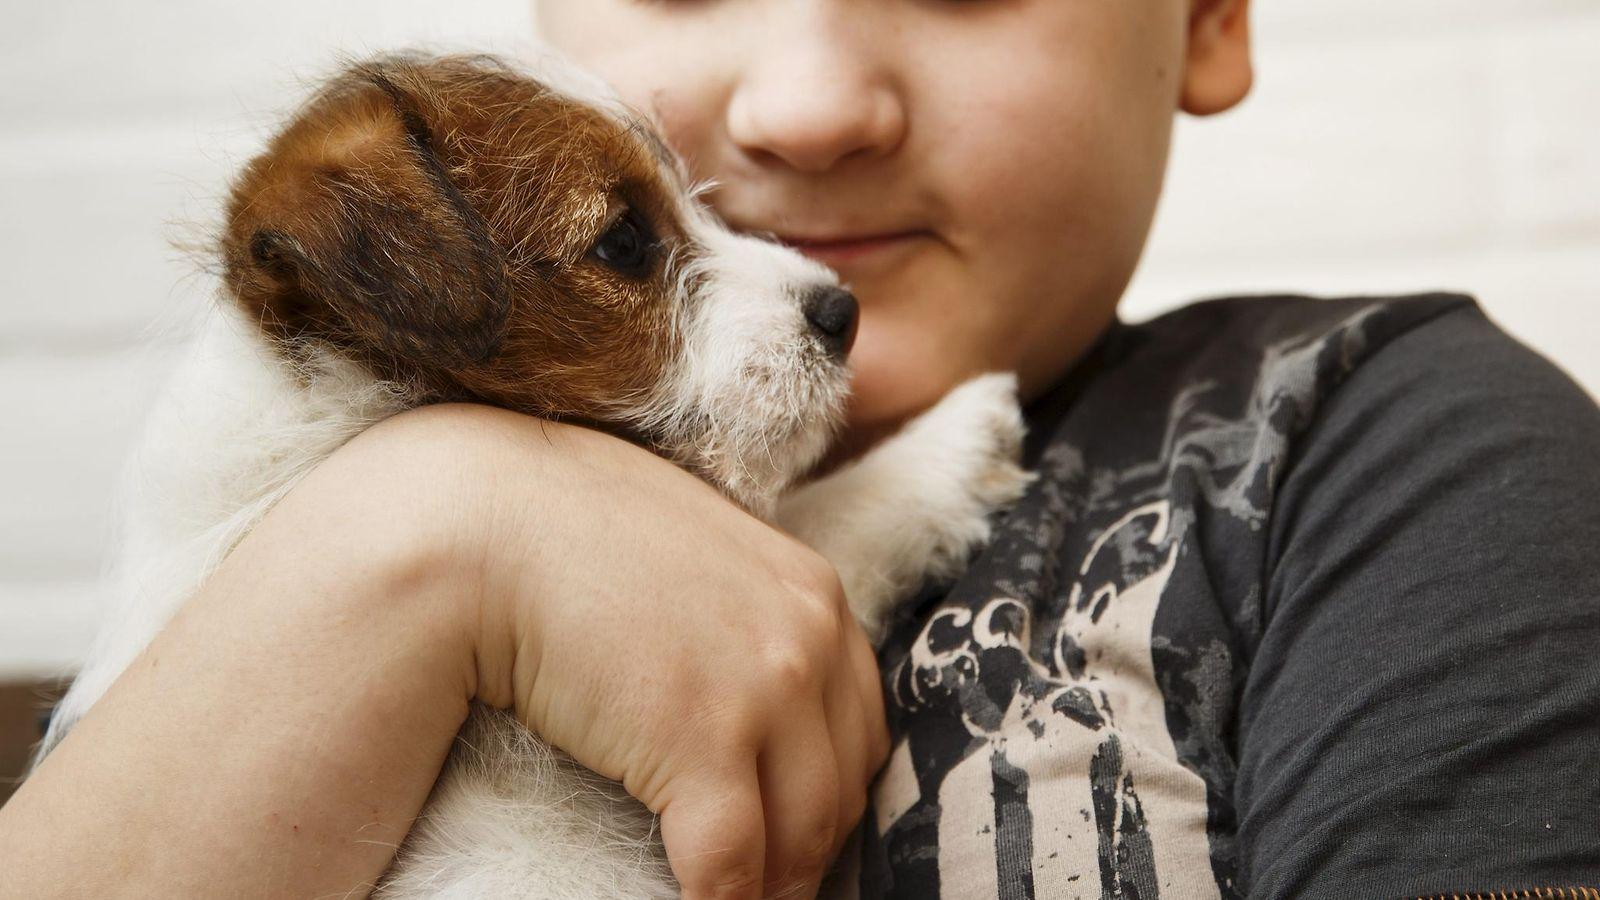 Hyviä uutisia eläinten ystäville – lapsen riski sairastua astmaan pienenee koiraperheessä ...